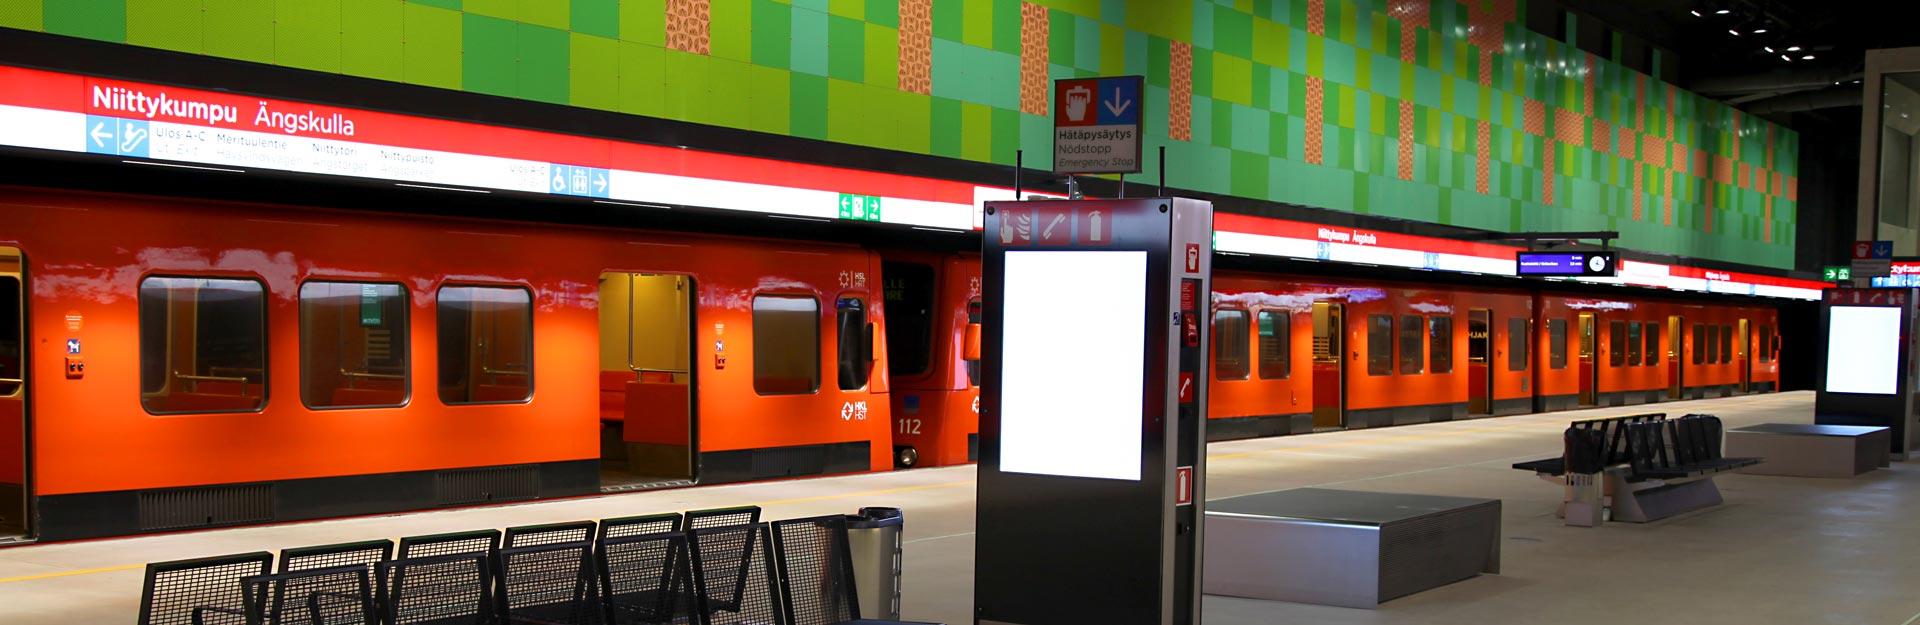 A metro at Niittykumpu metro station.